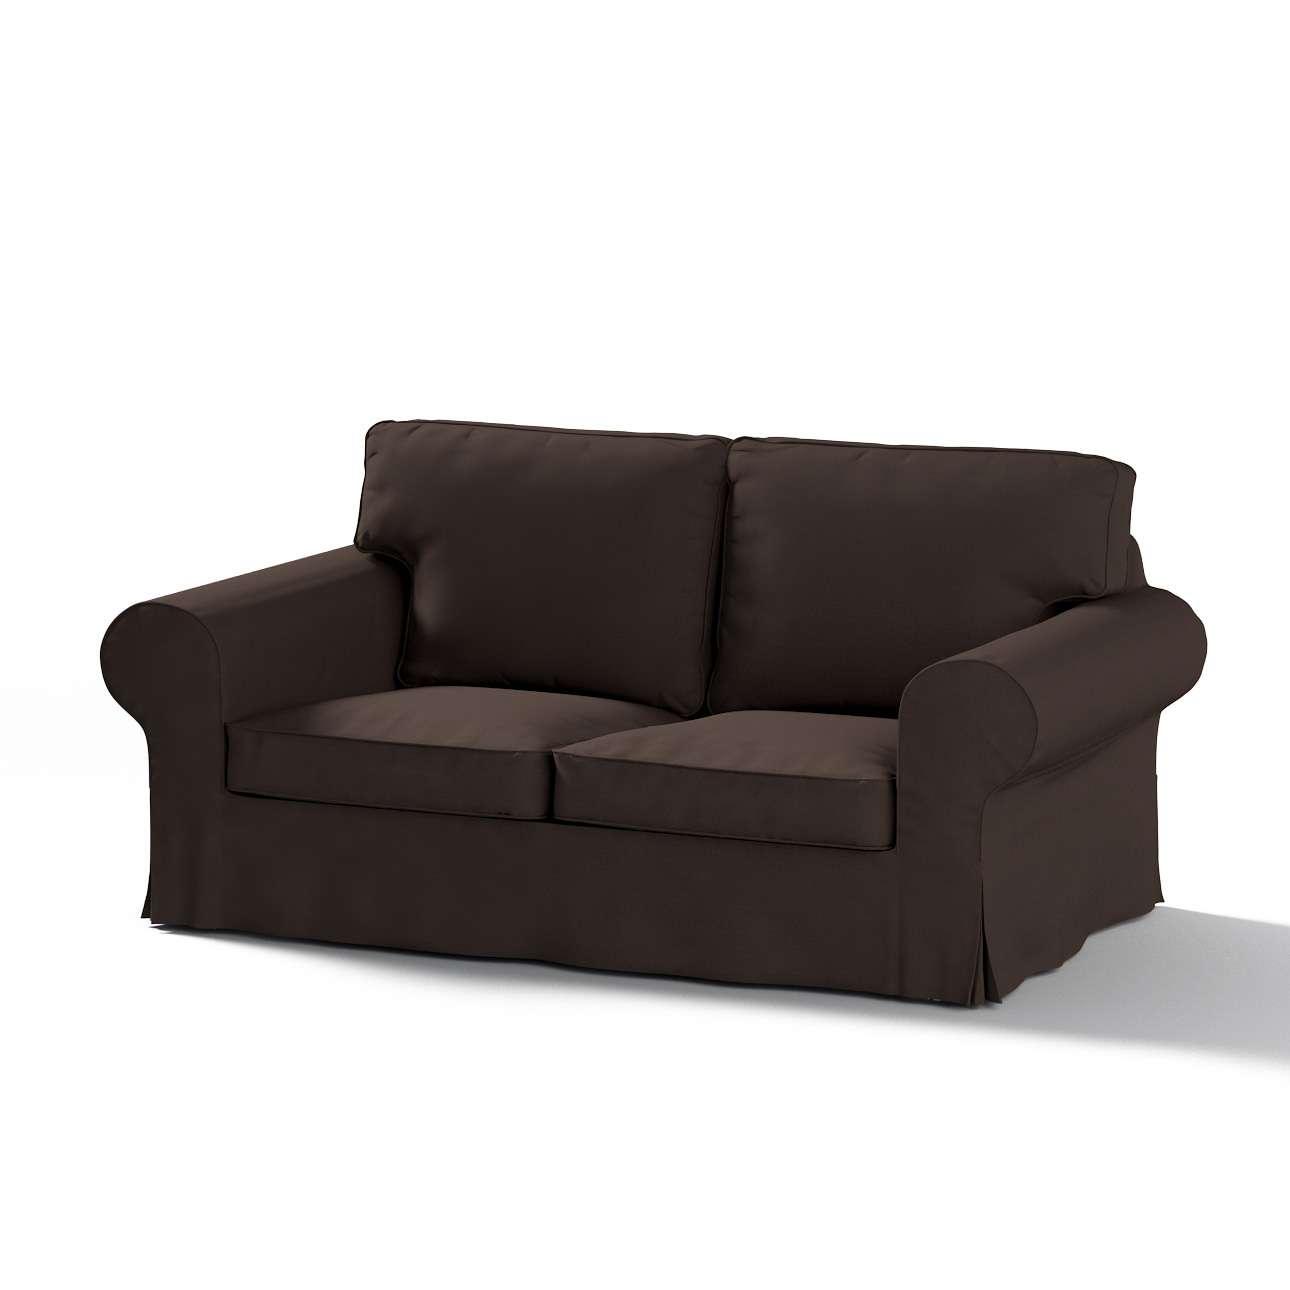 Pokrowiec na sofę Ektorp 2-osobową, rozkładaną, model do 2012 w kolekcji Cotton Panama, tkanina: 702-03